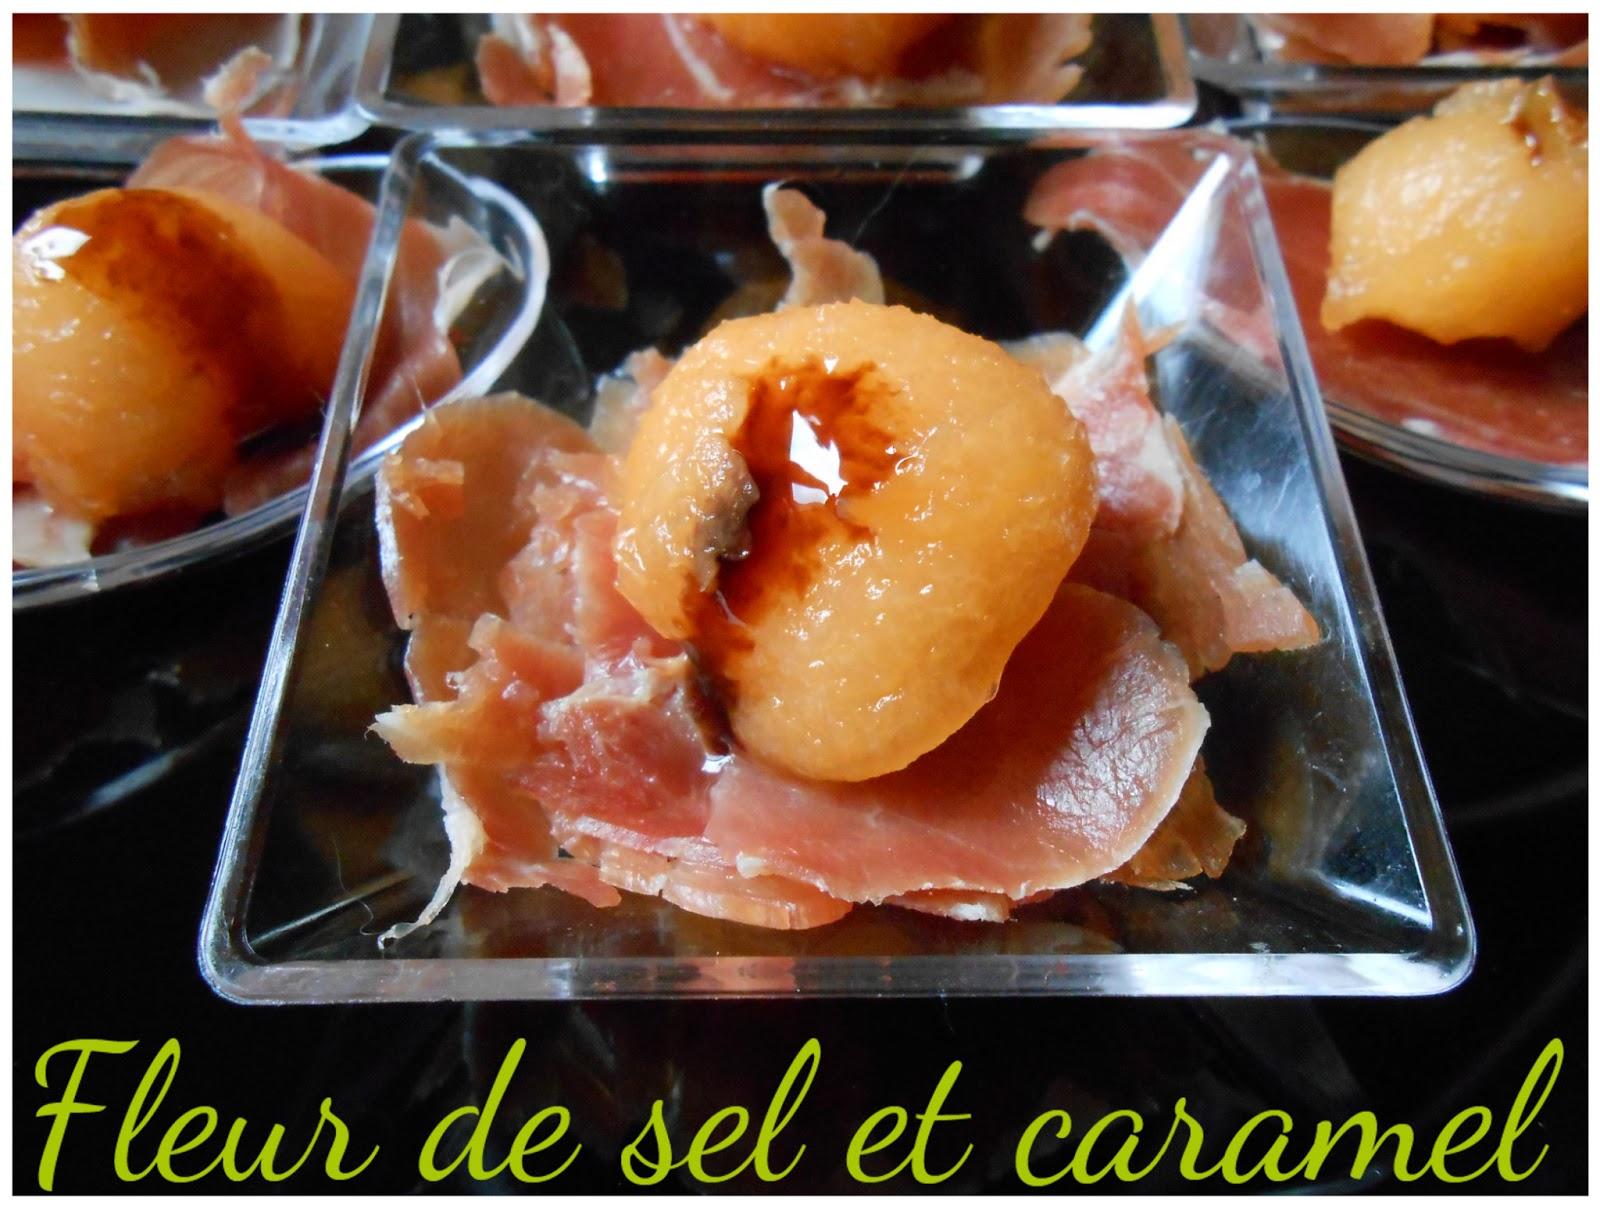 Fleur de sel et Caramel: Amuses bouche melon, serrano au velours ...